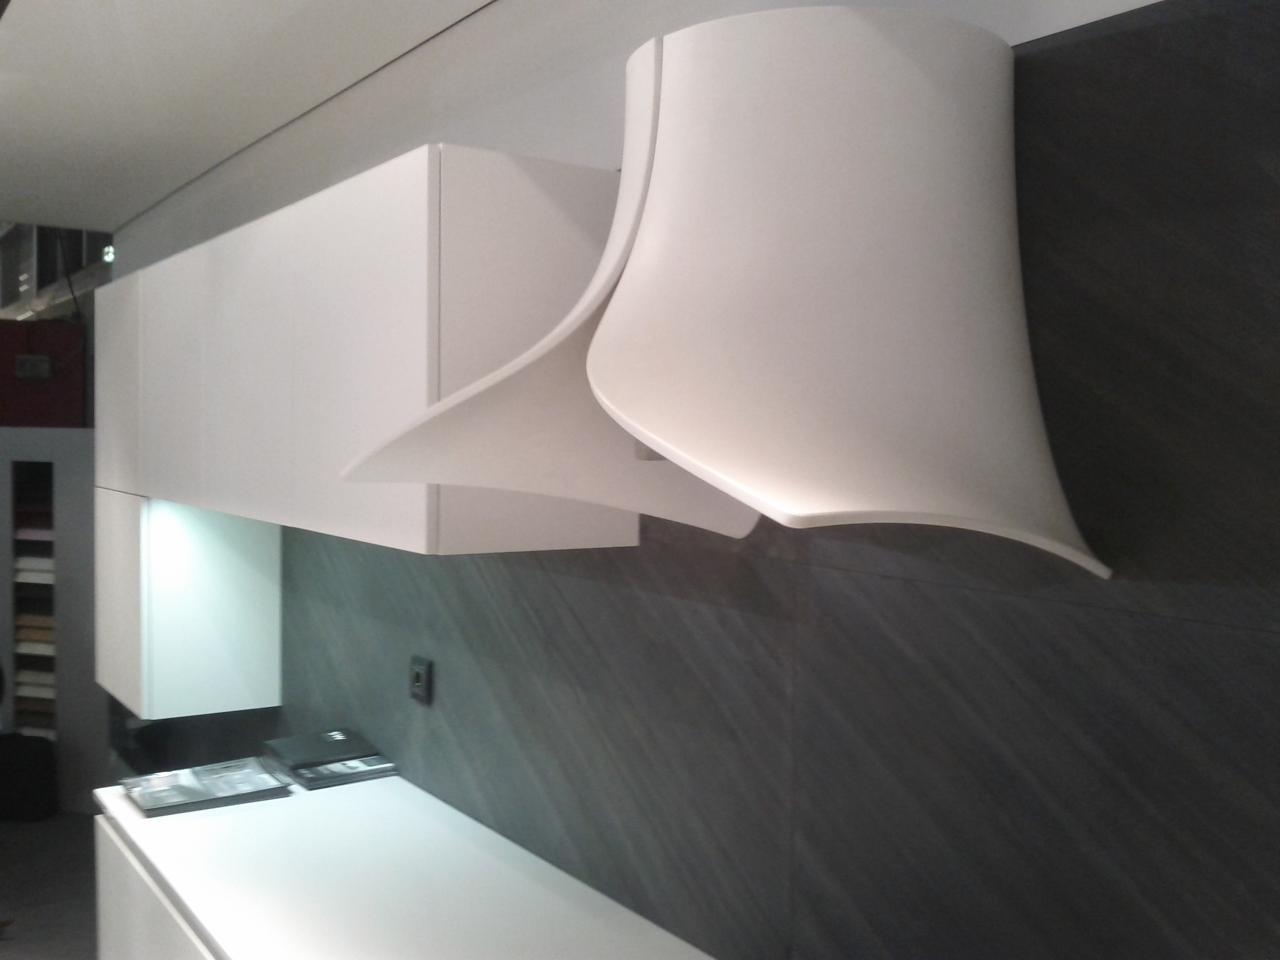 Hotte design r alis e en corian par pando cuisiniste rouen - Cuisine design le havre ...